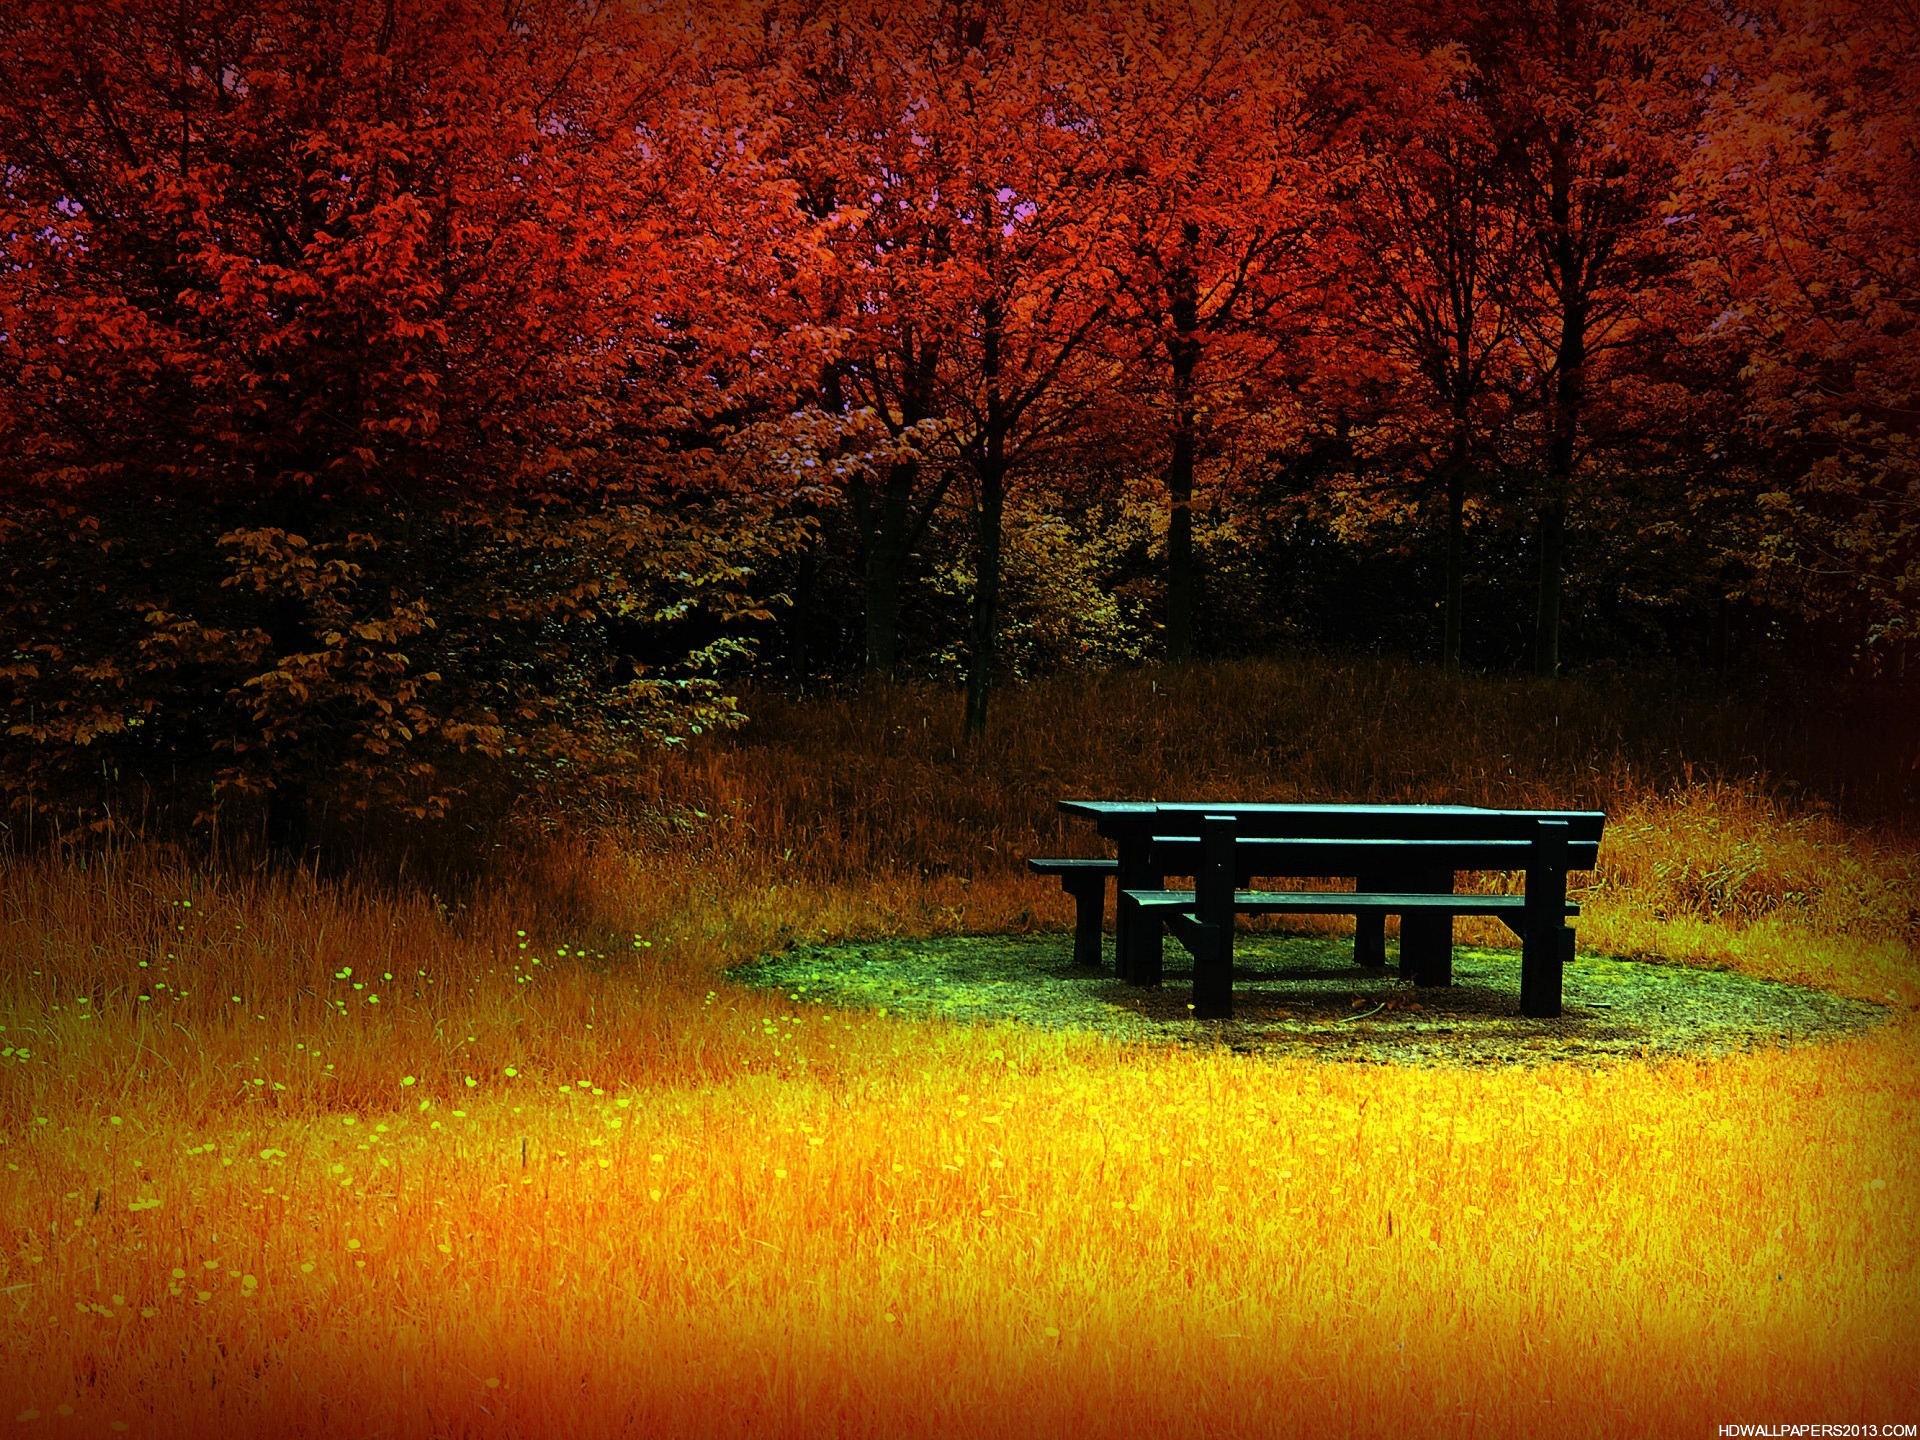 fall desktop wallpaper backgrounds   wwwwallpapers in hdcom 1920x1440